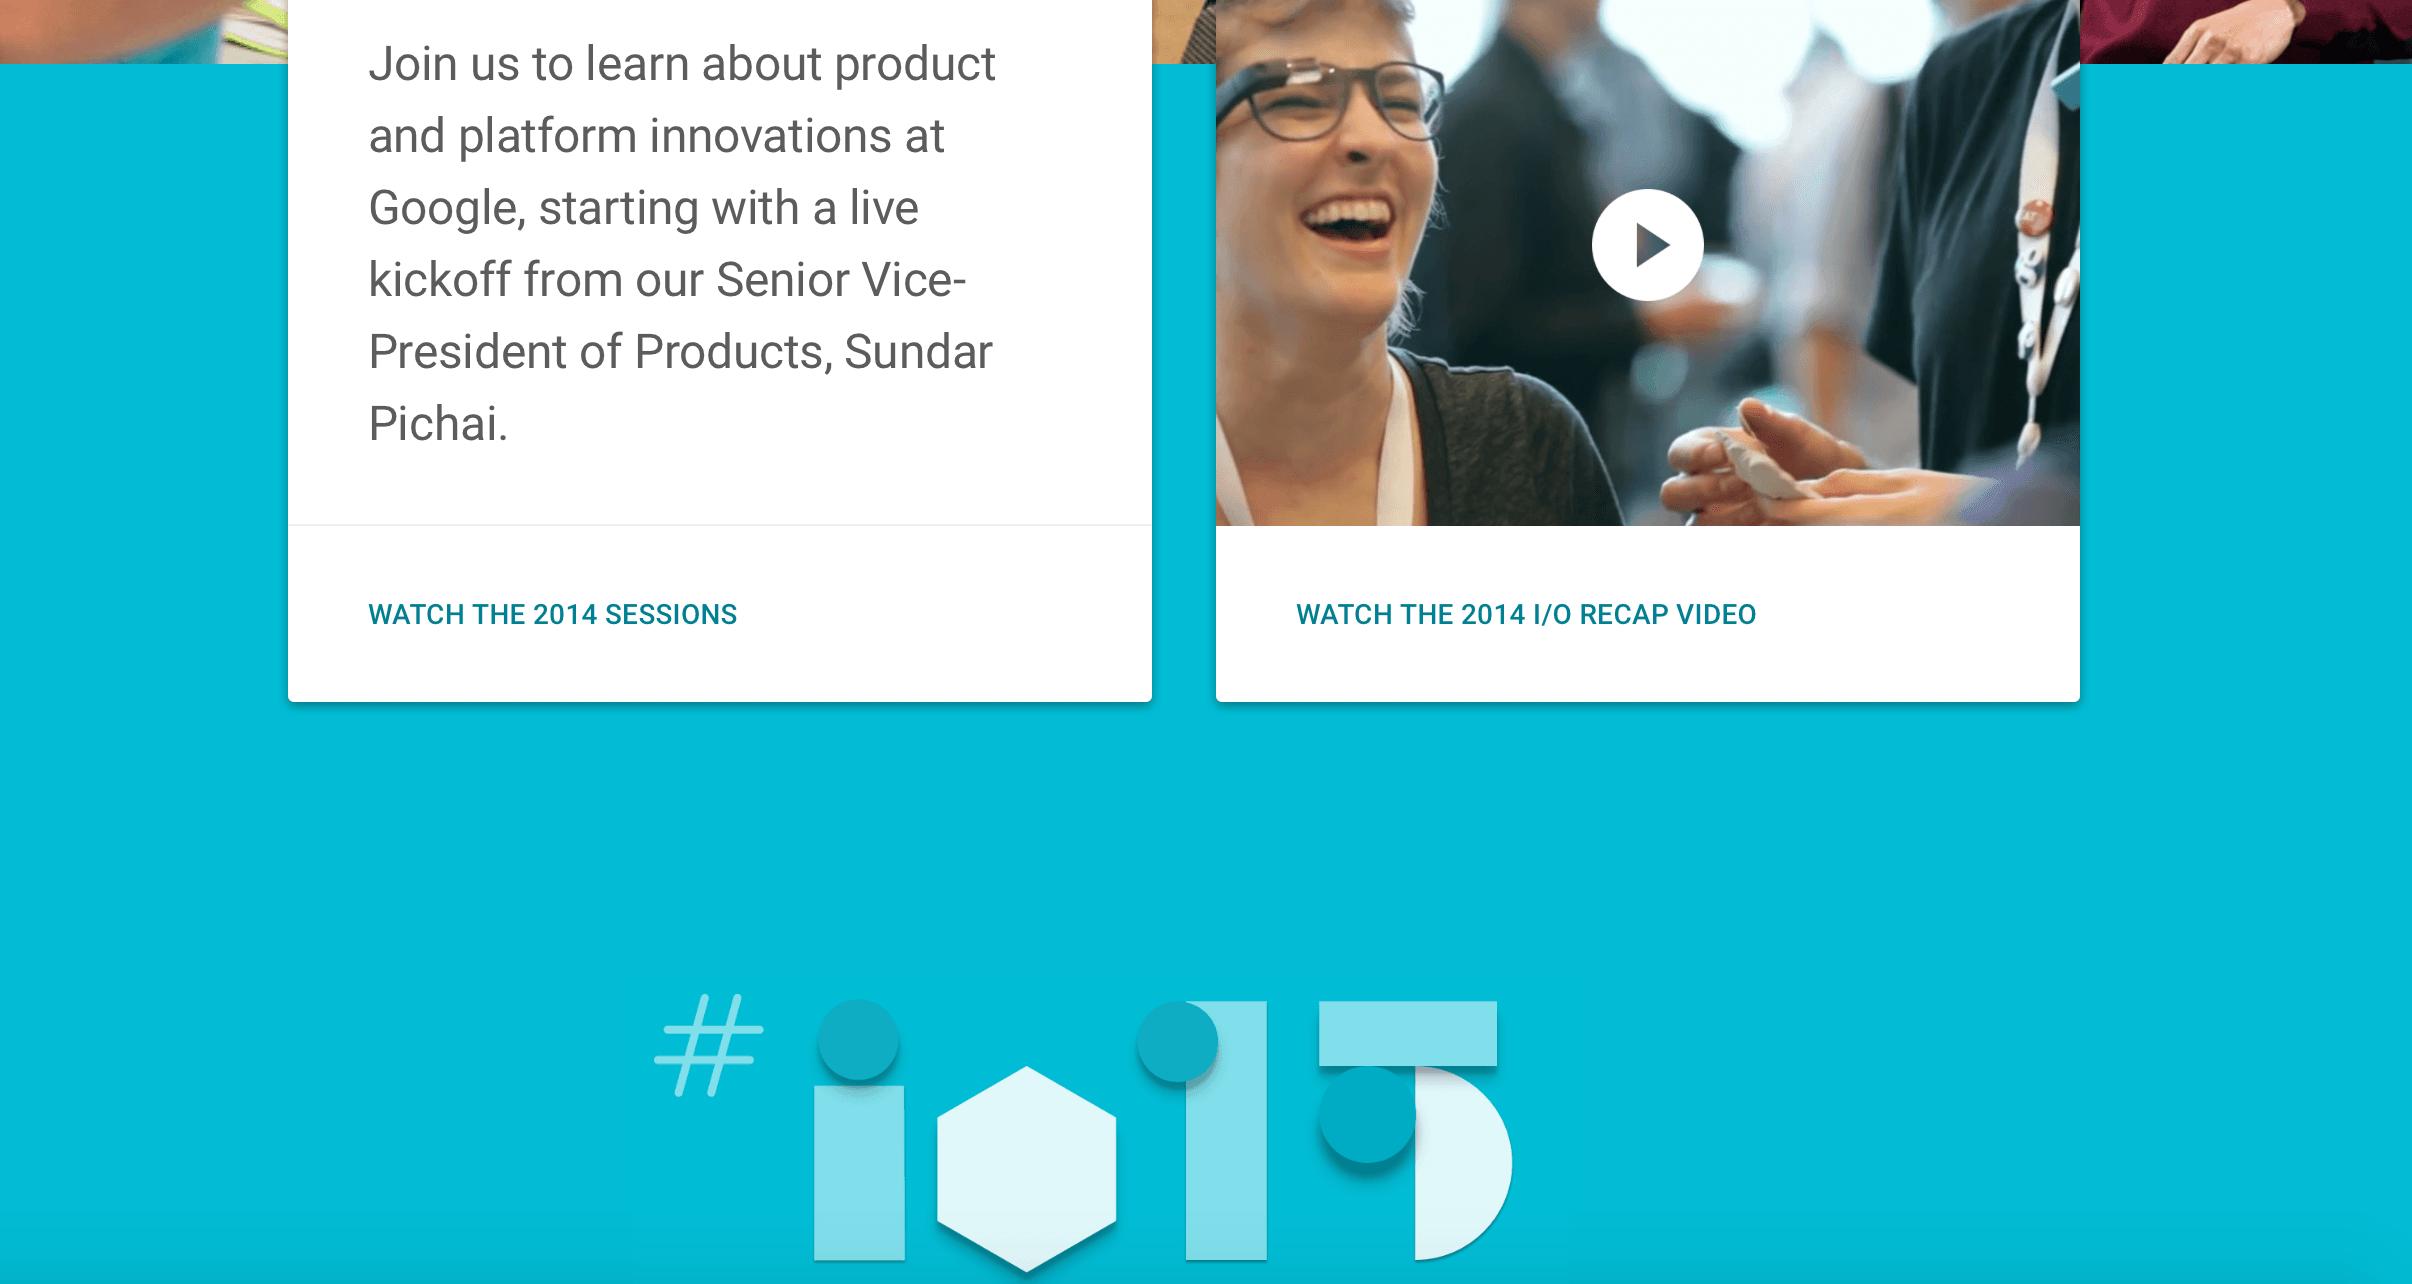 io2015-google-material